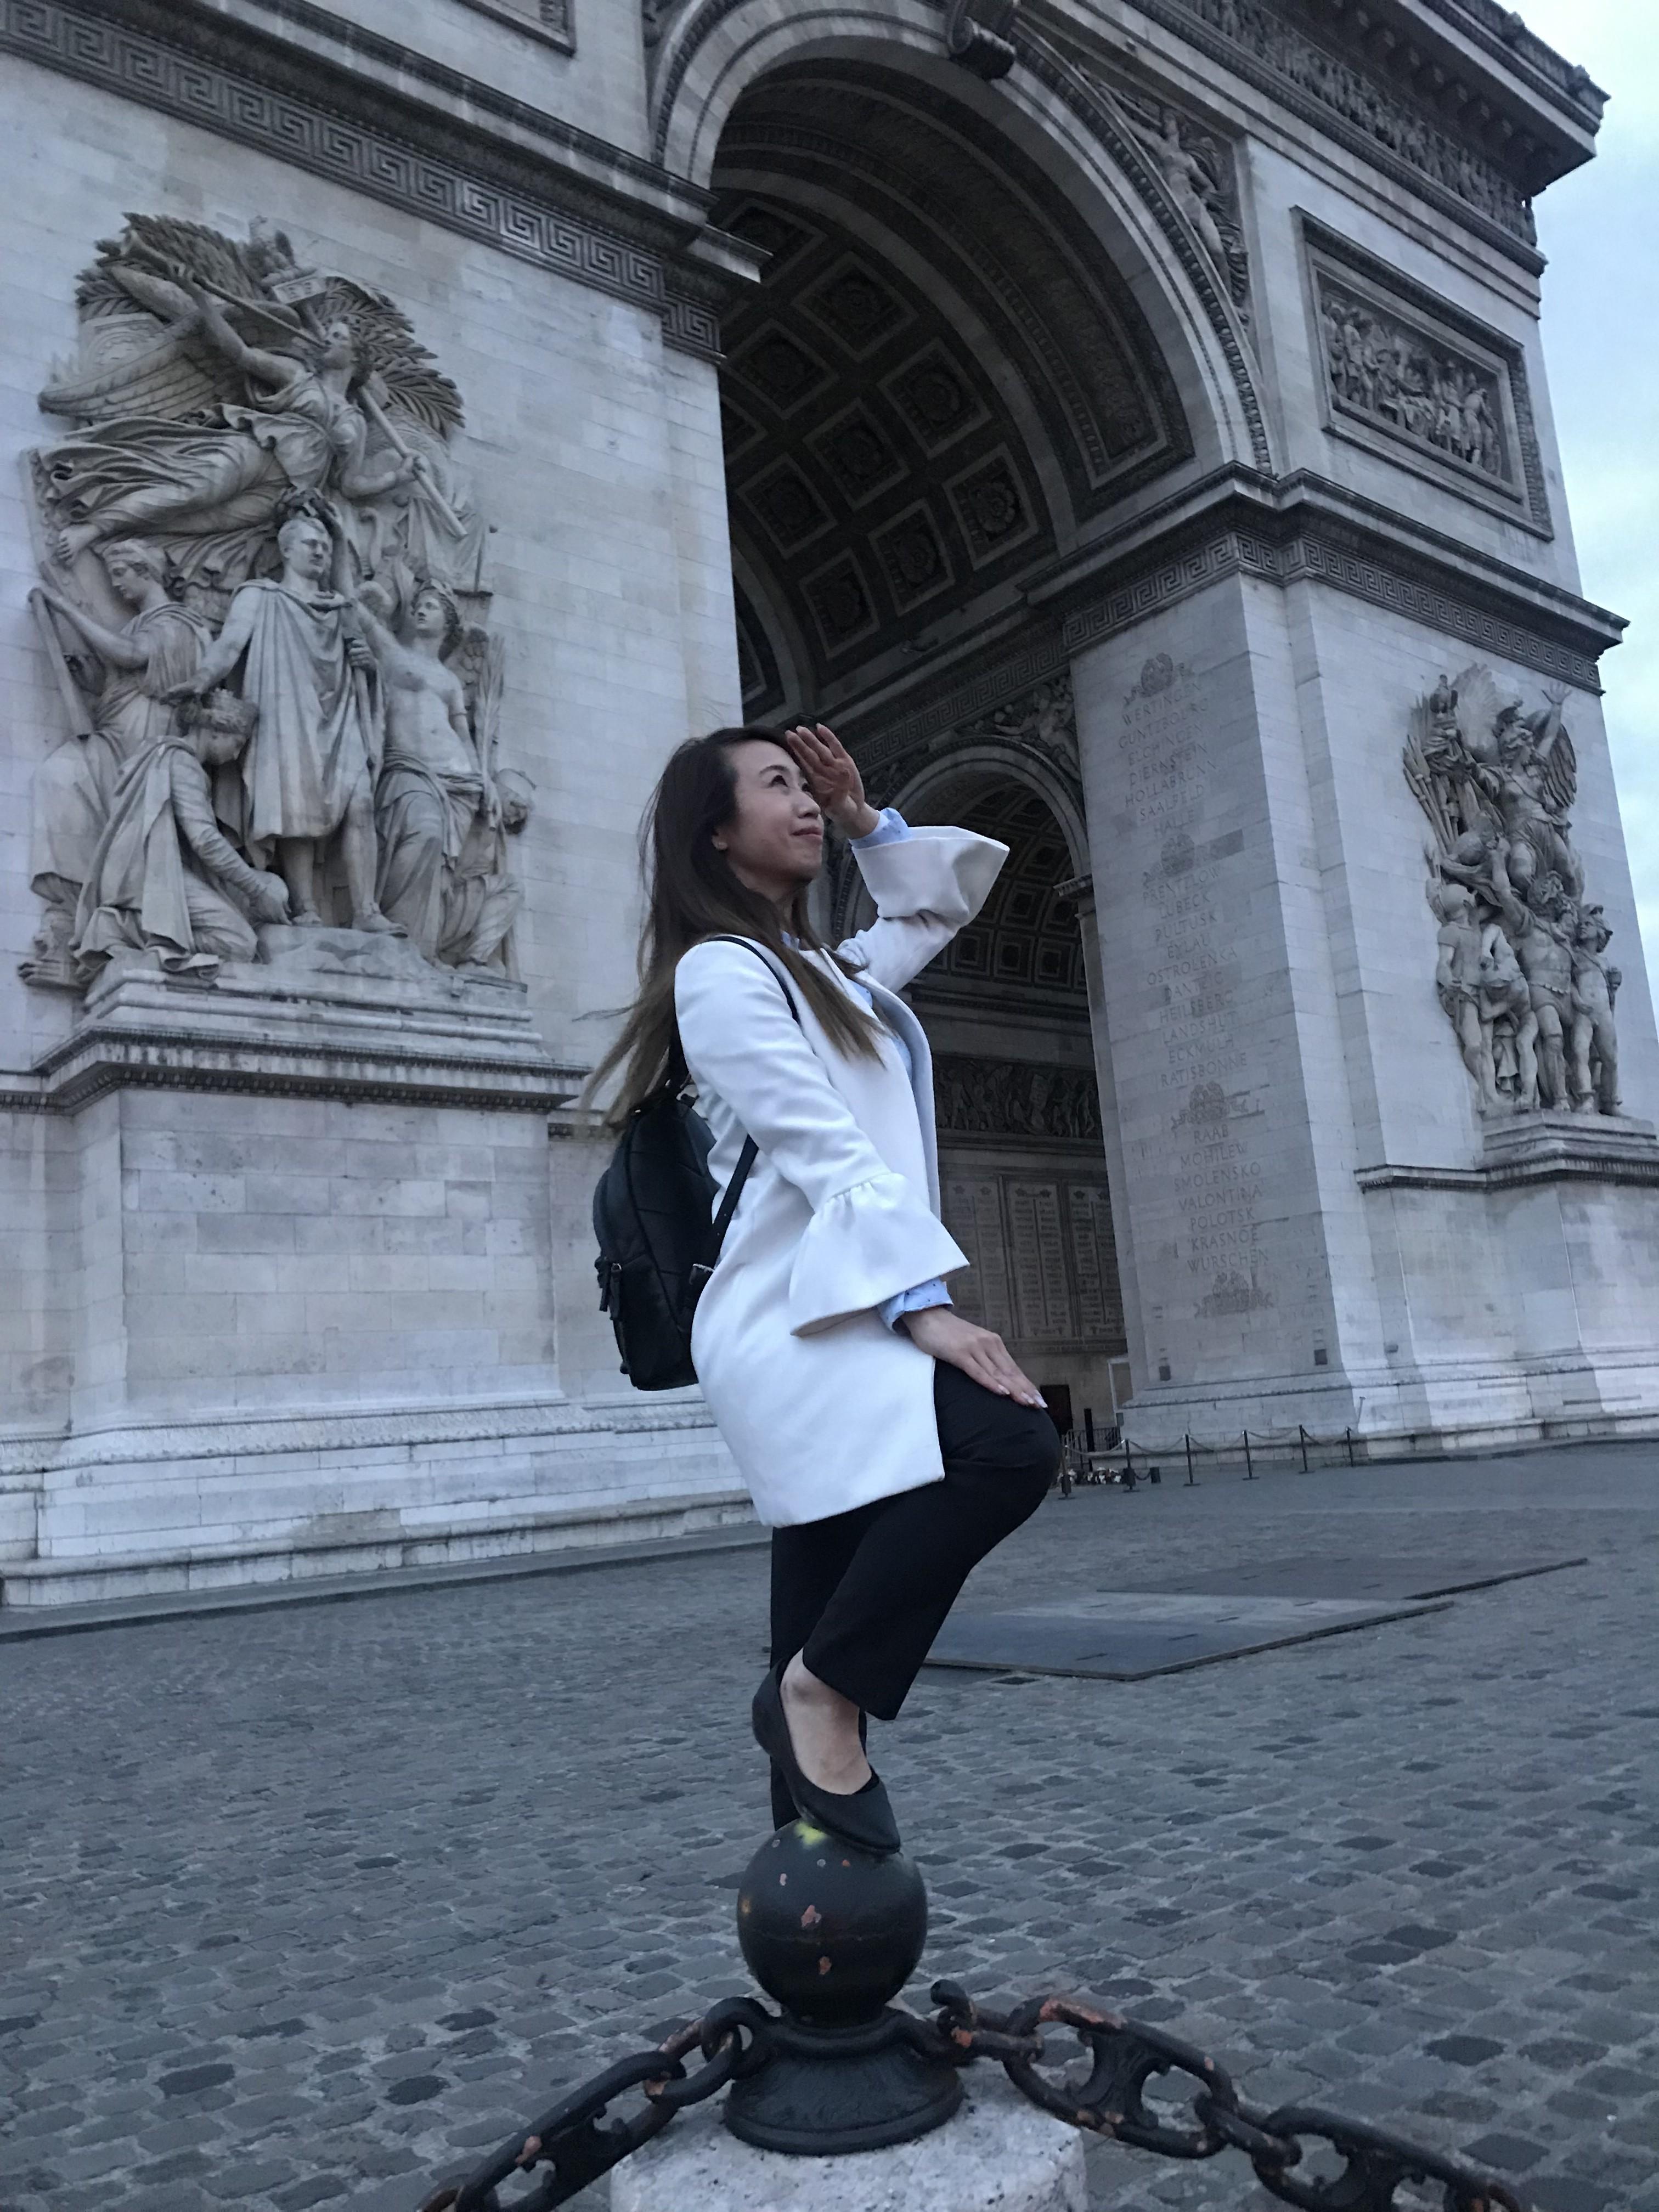 仕事後のパリ散歩【フランス出張】